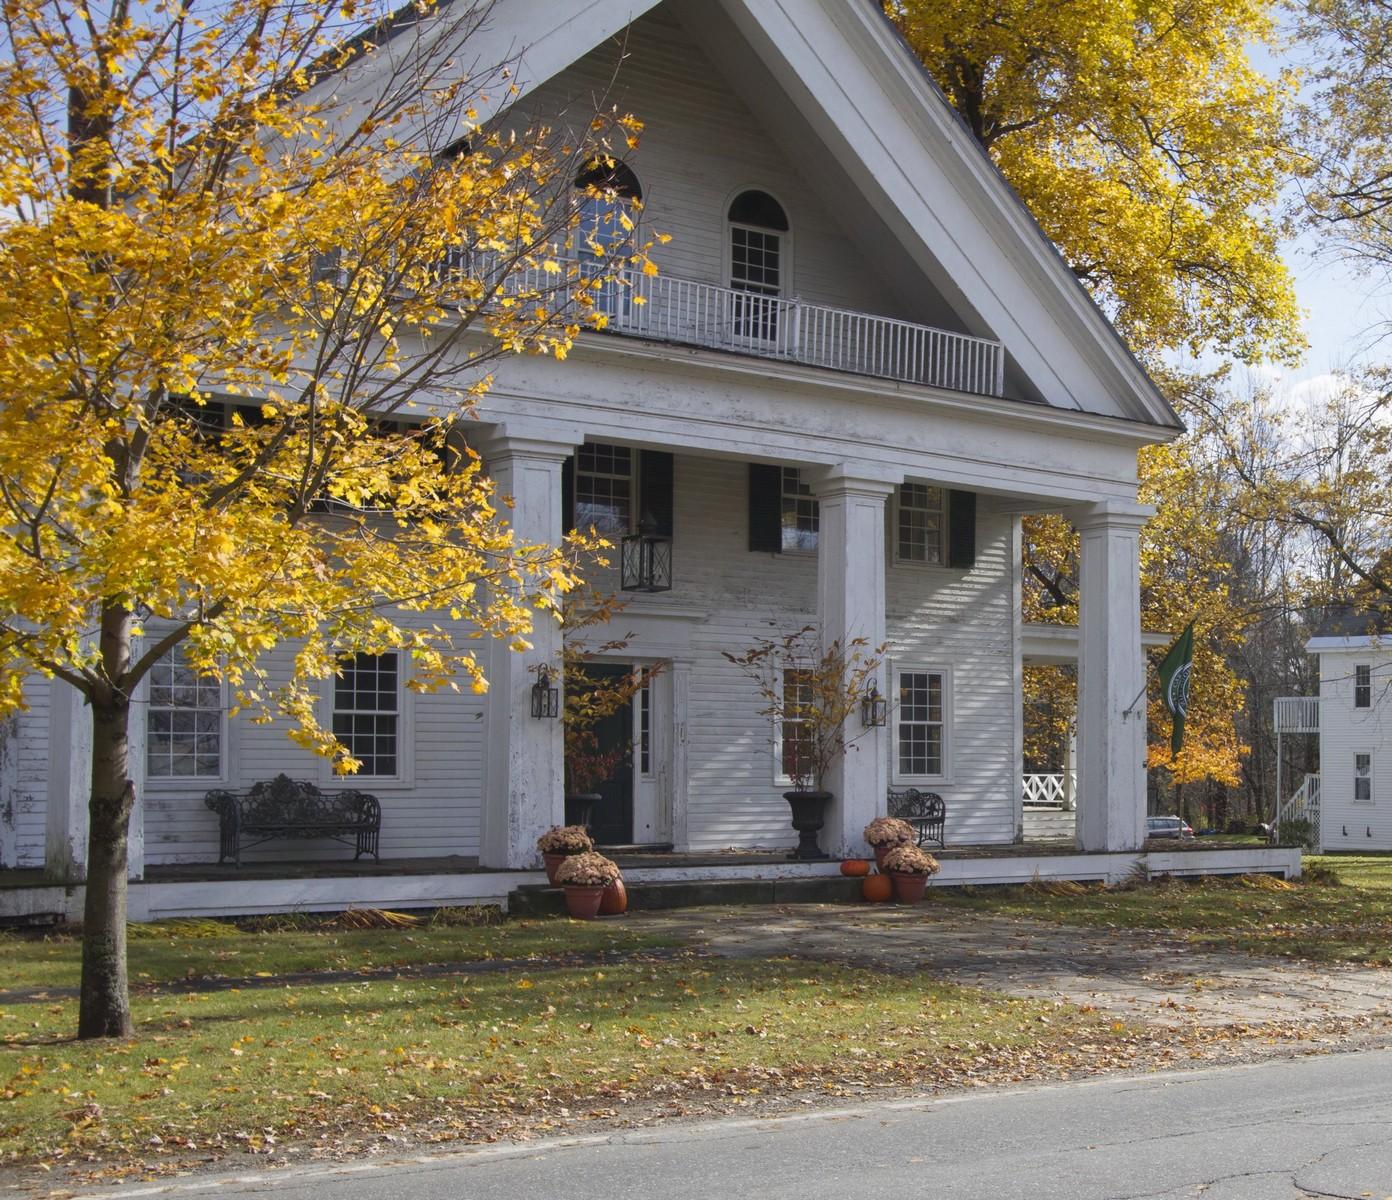 단독 가정 주택 용 매매 에 532 Canaan St, Canaan Canaan, 뉴햄프셔, 03741 미국